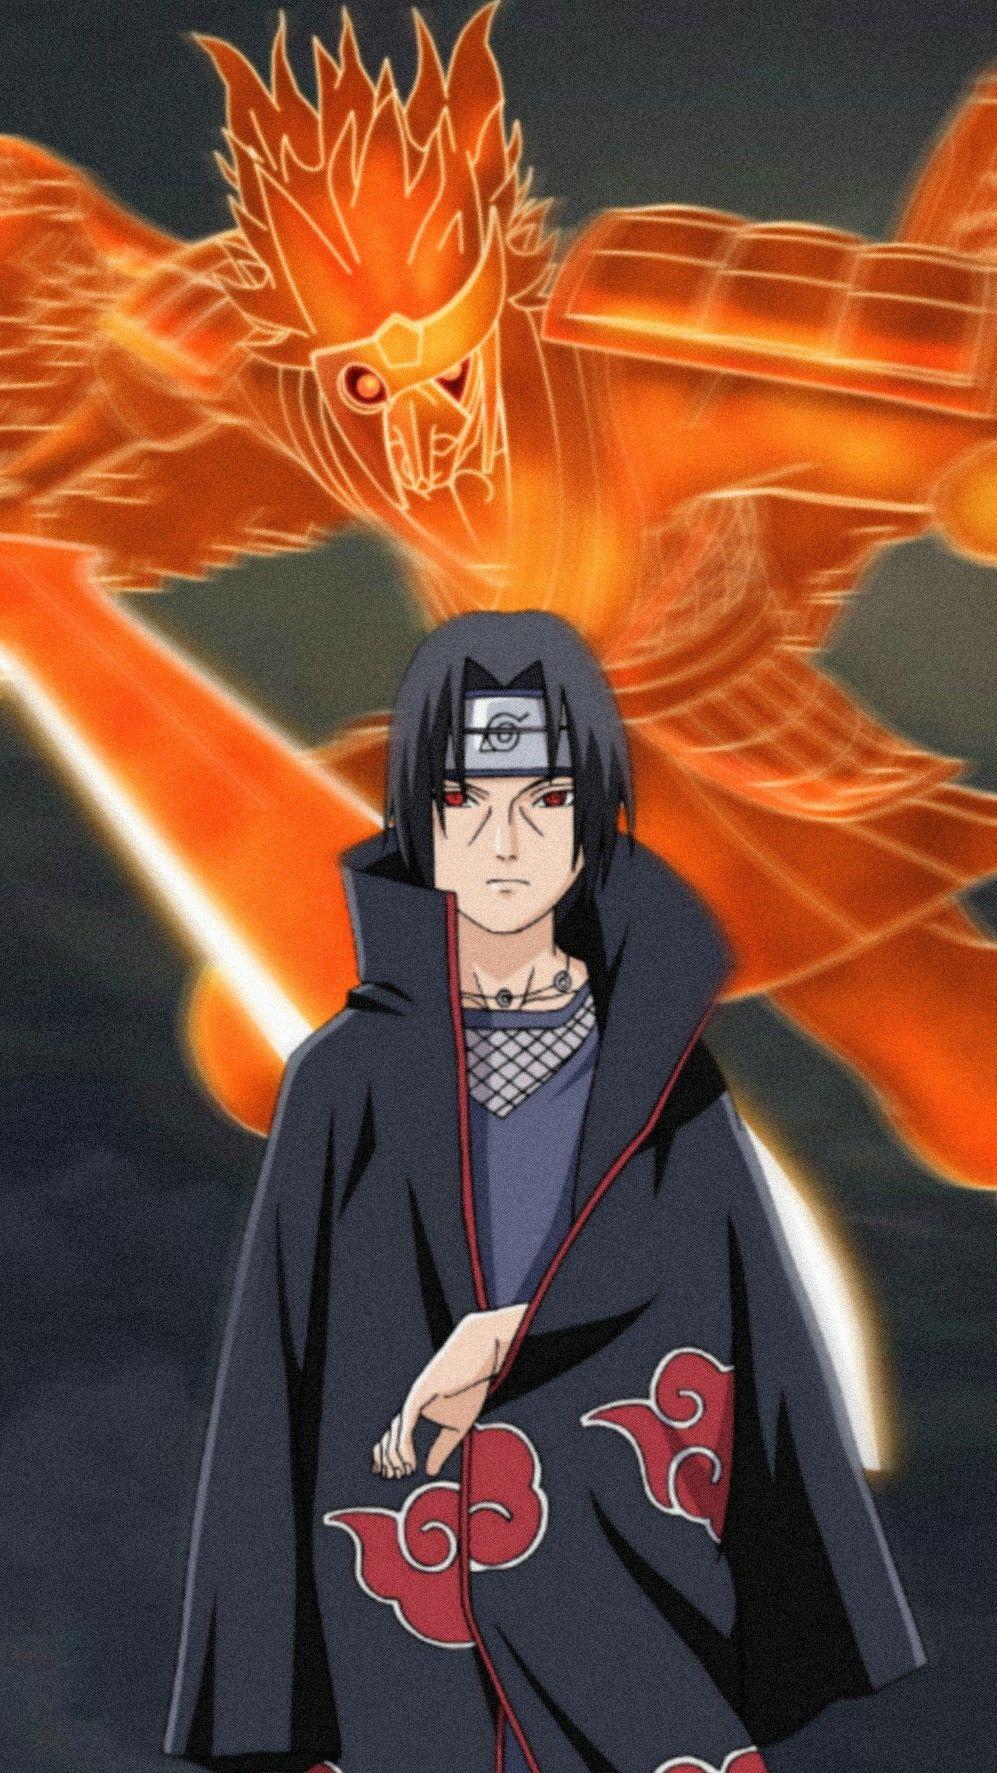 Narutoshippuden Naruto Anime Manga Sasuke Boruto